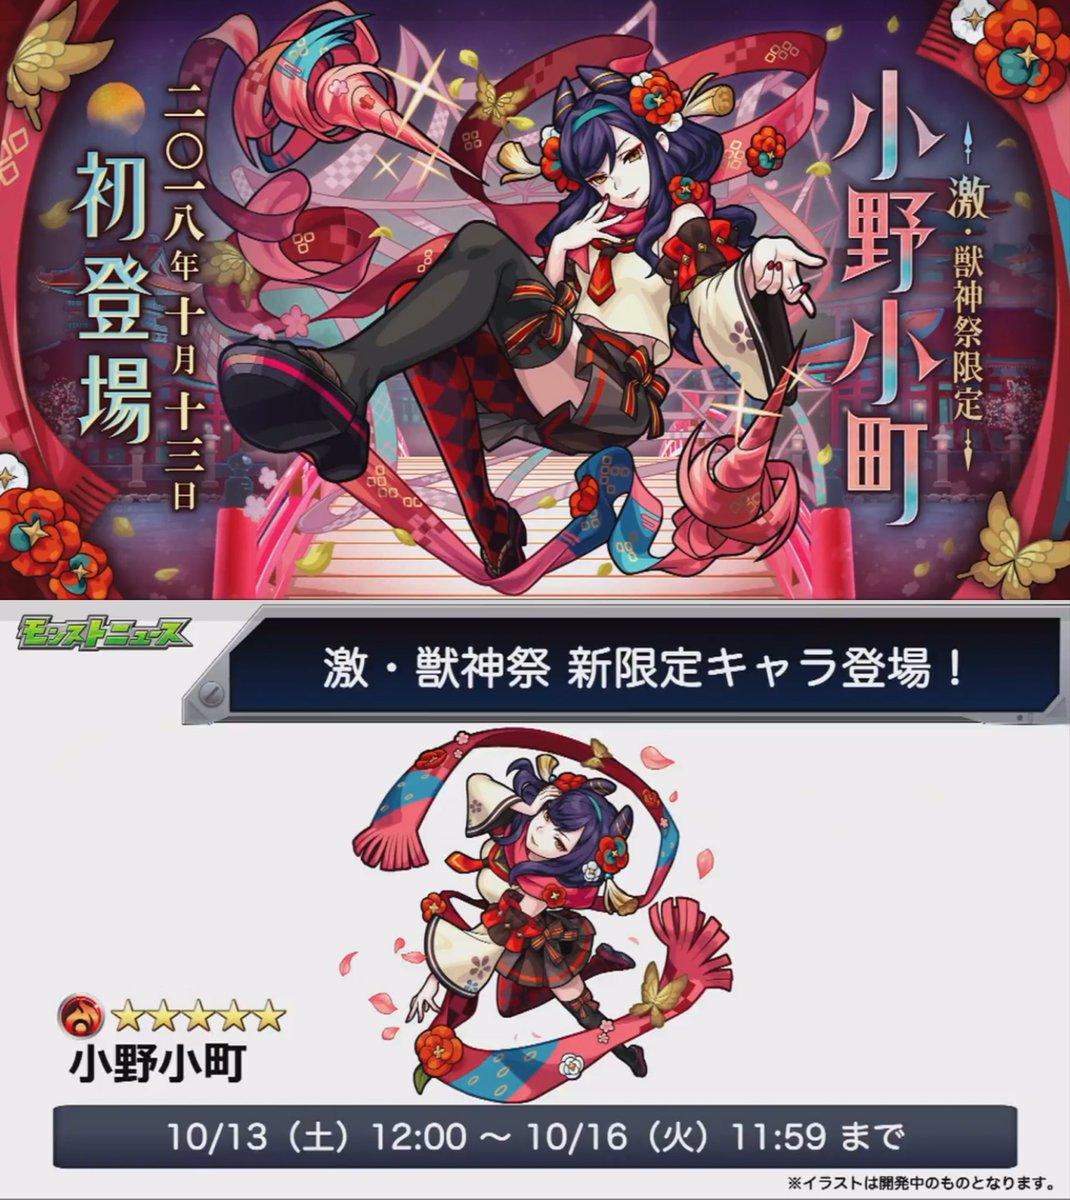 激 神祭 キャラ 限定 獣 モンスト